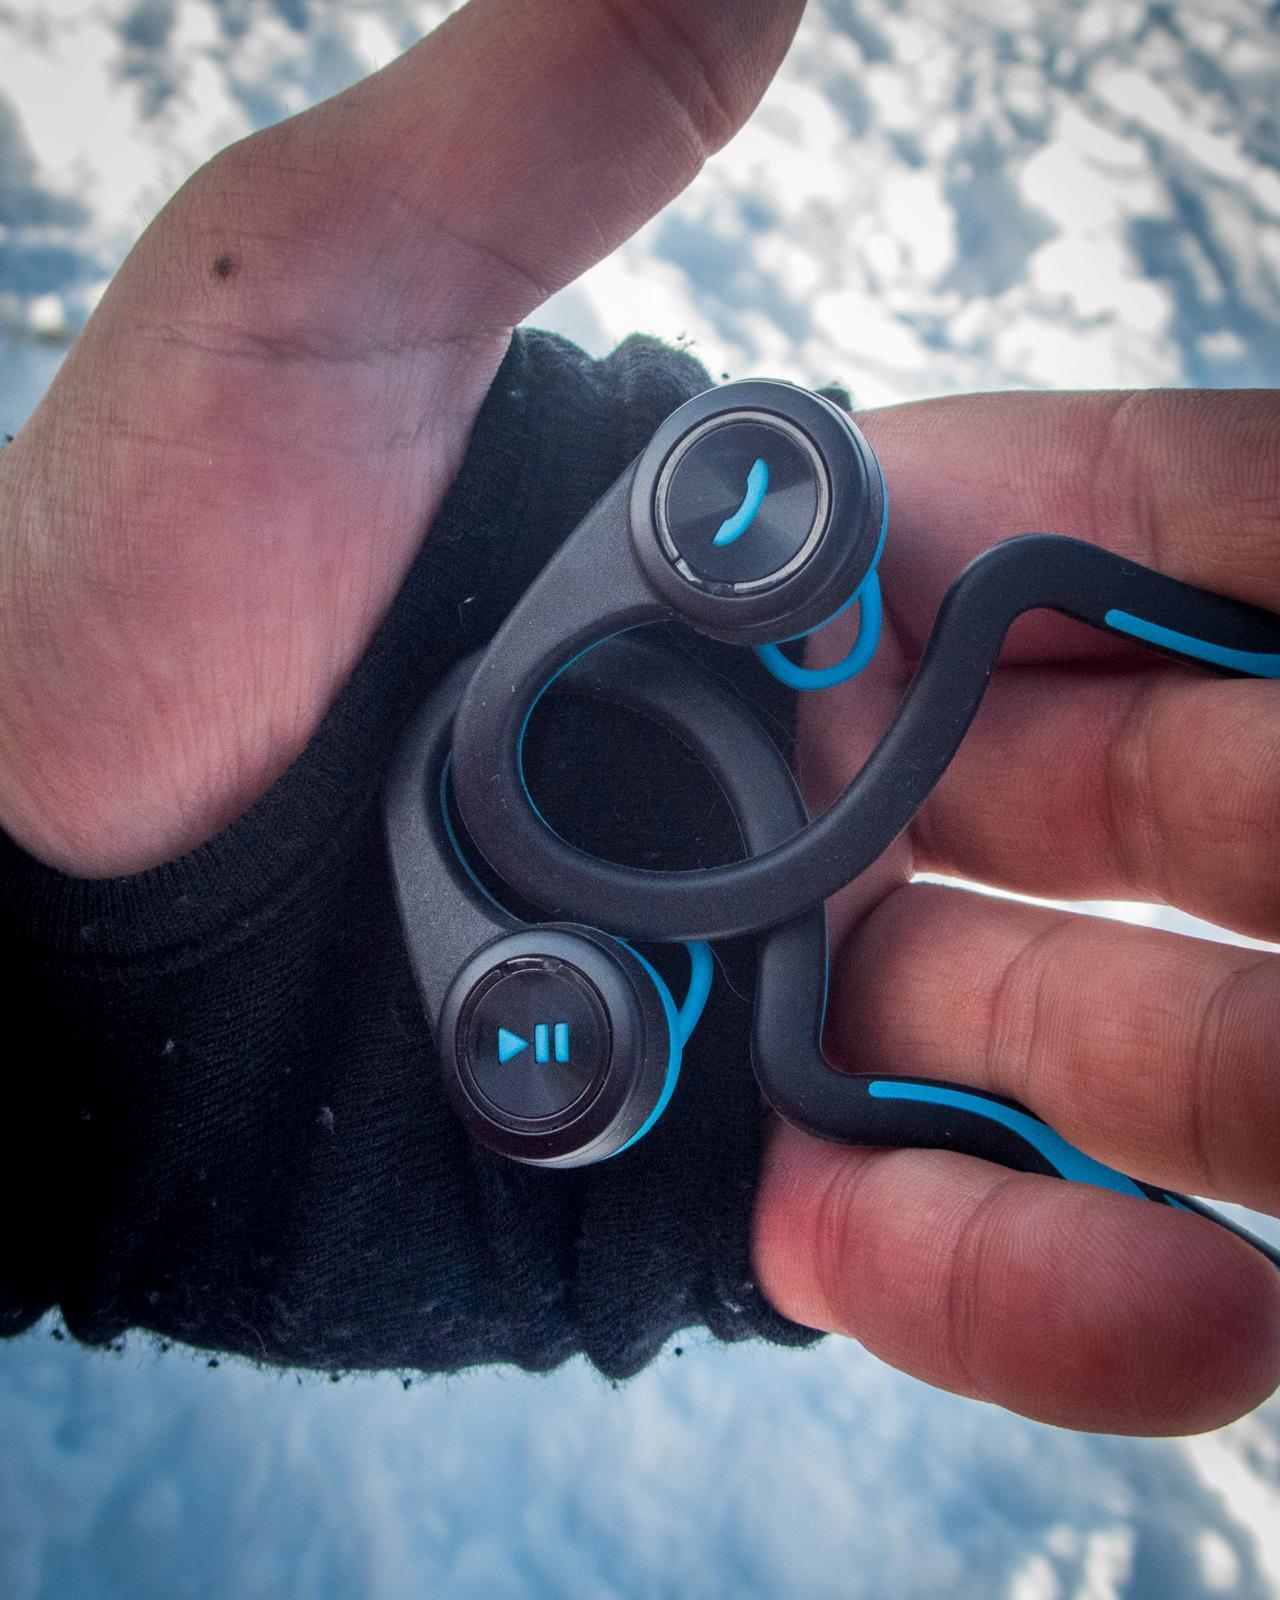 Hver øreplugg har to knapper, én stor «hovedknapp» (med merke) med en mindre knapp over.